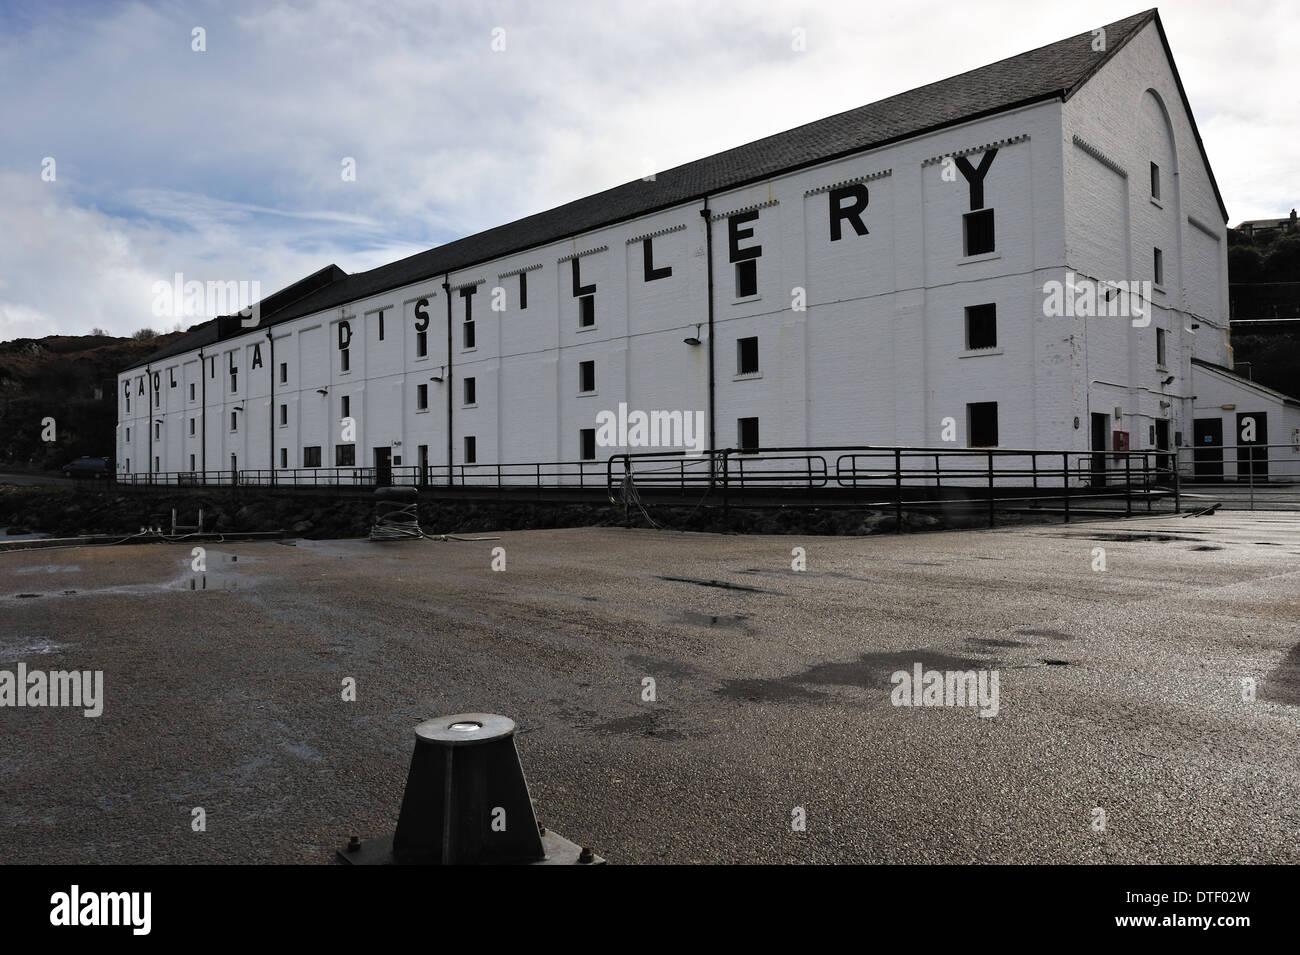 Cao lIla Whisky Distillery, Islay, Scotland - Stock Image